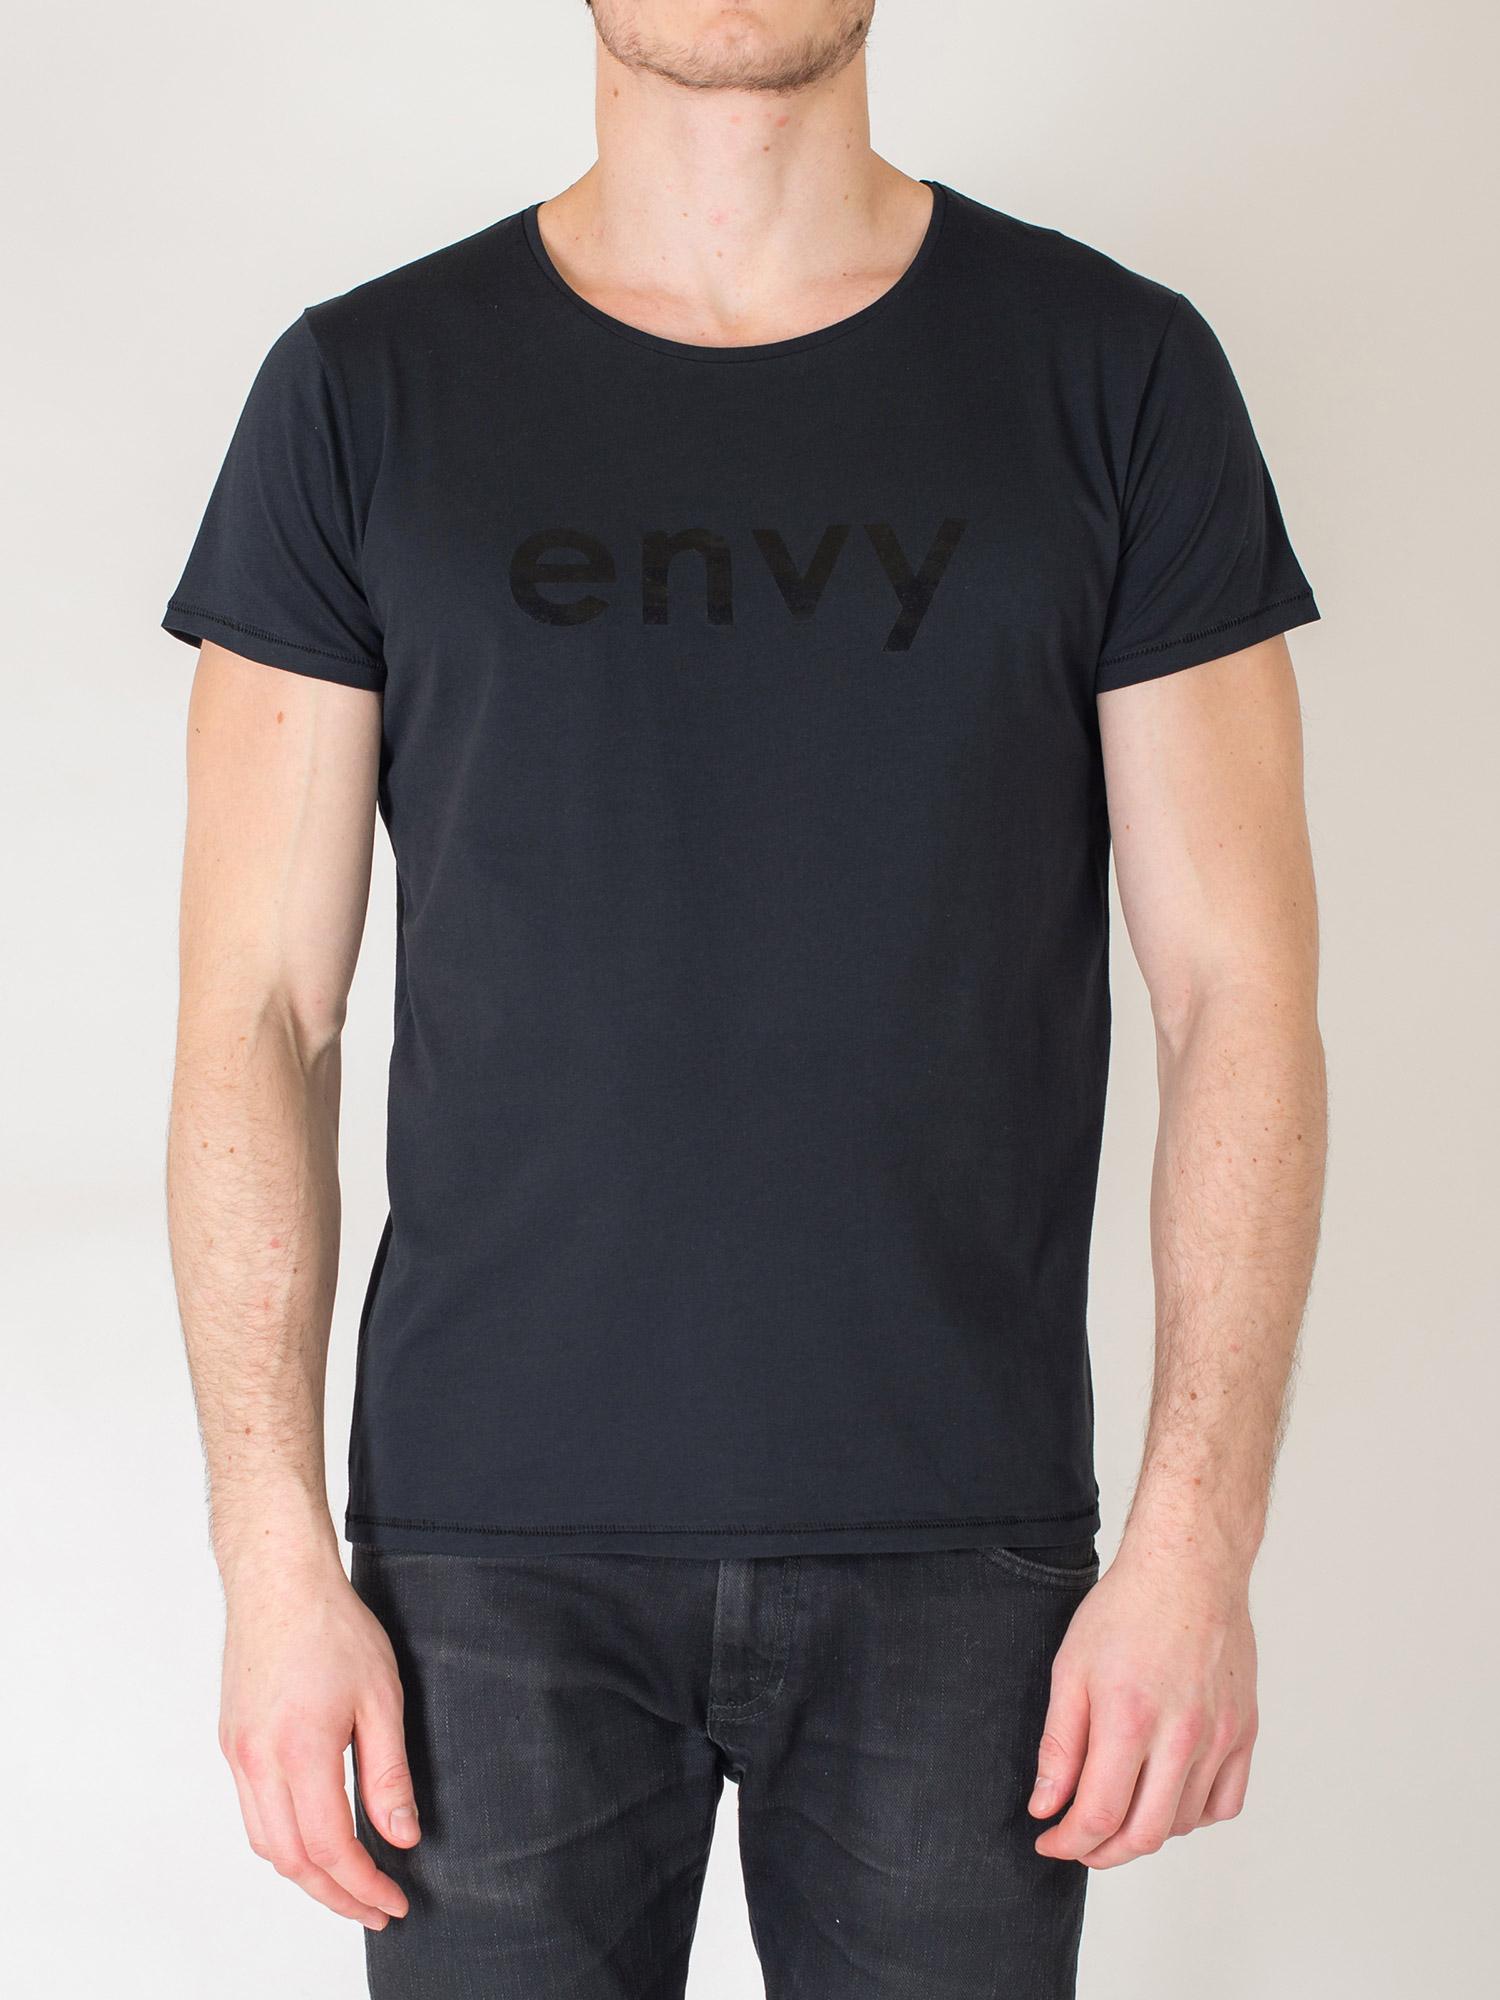 Sin-envy-front